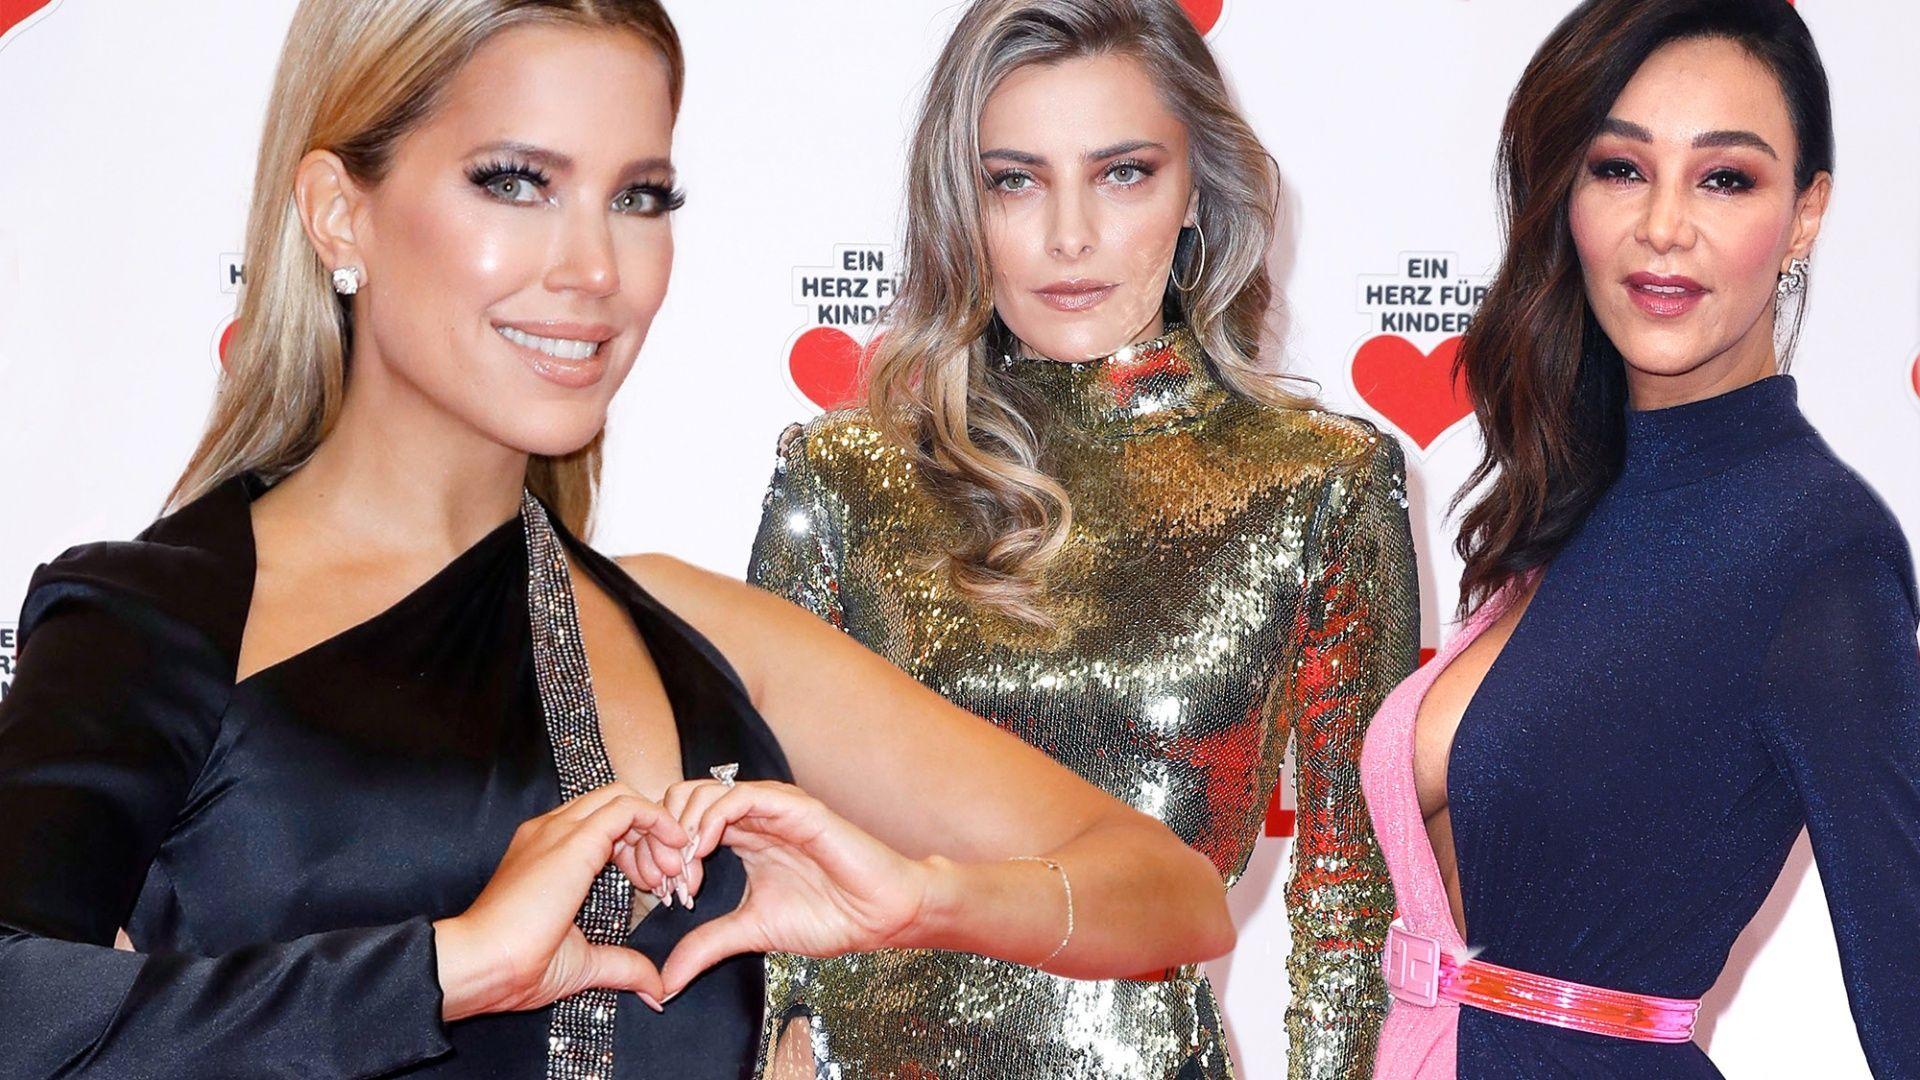 Sophia Thomalla, Sylvie Meis & Verona Pooth - Trend: Beinschlitz